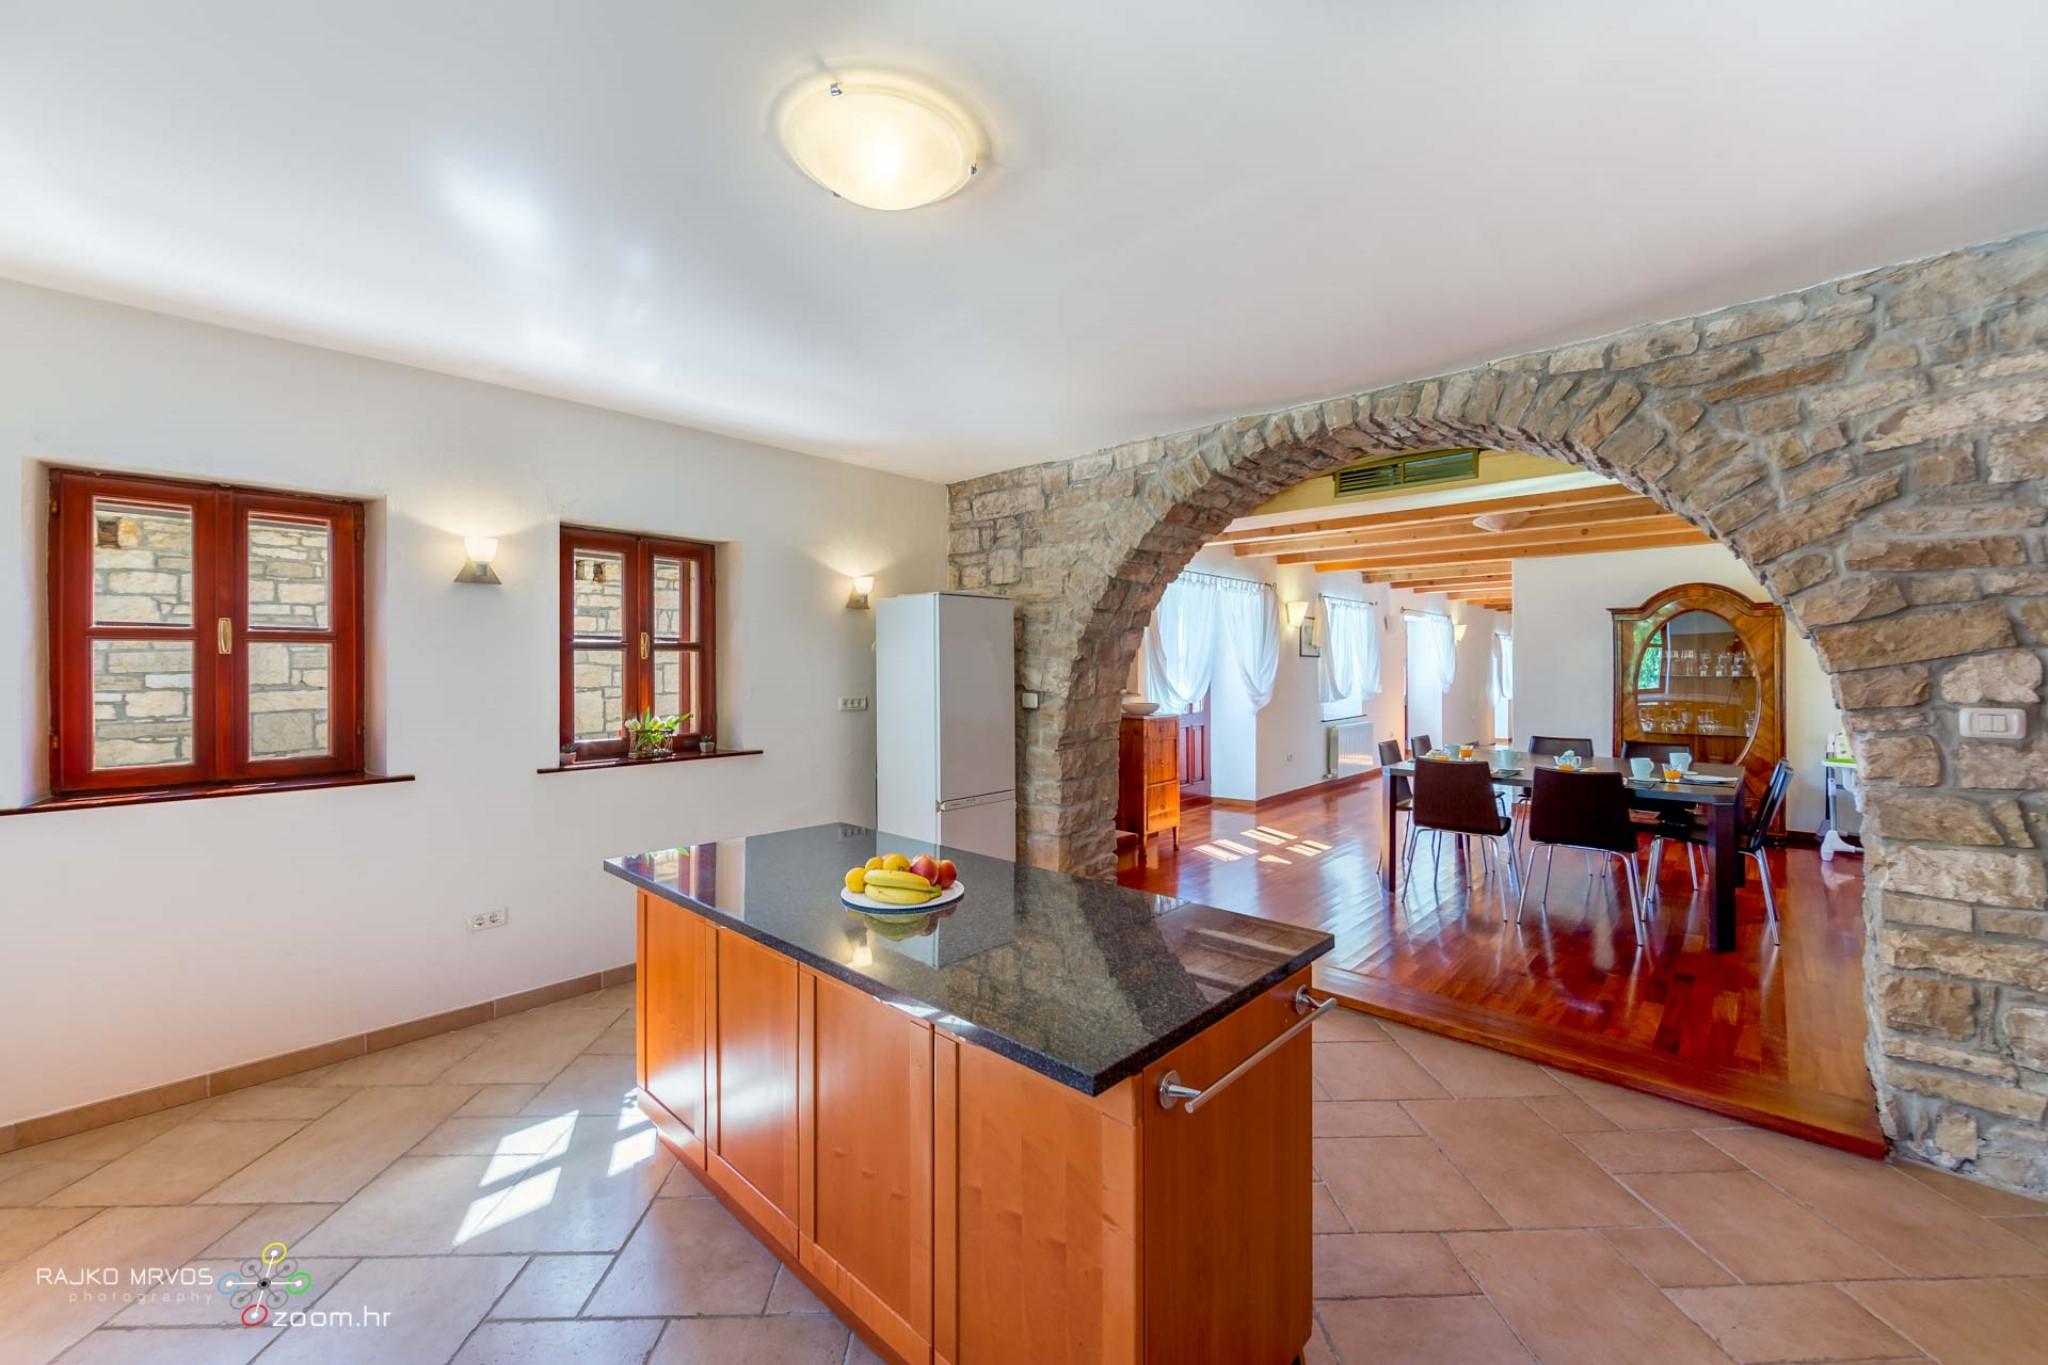 fotografiranje-interijera-fotograf-eksterijera-vila-kuca-apartmana-slikanje-villa-Fattoria-46